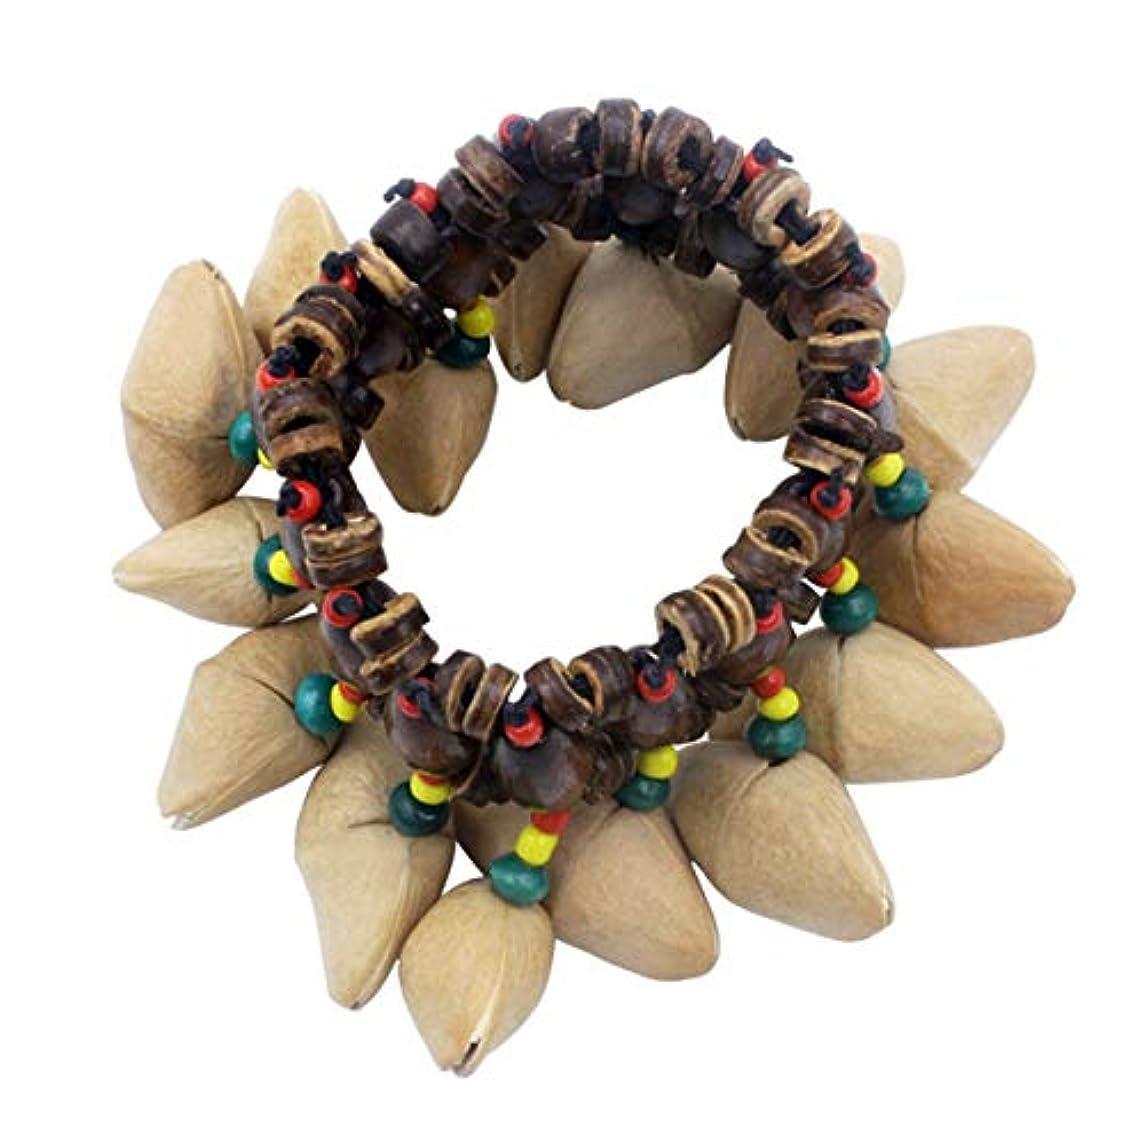 バスルーム激怒説教するDora Nutshell African Drum Hand Bell Drum Musical Instrument Bell Accessories-Wood Color